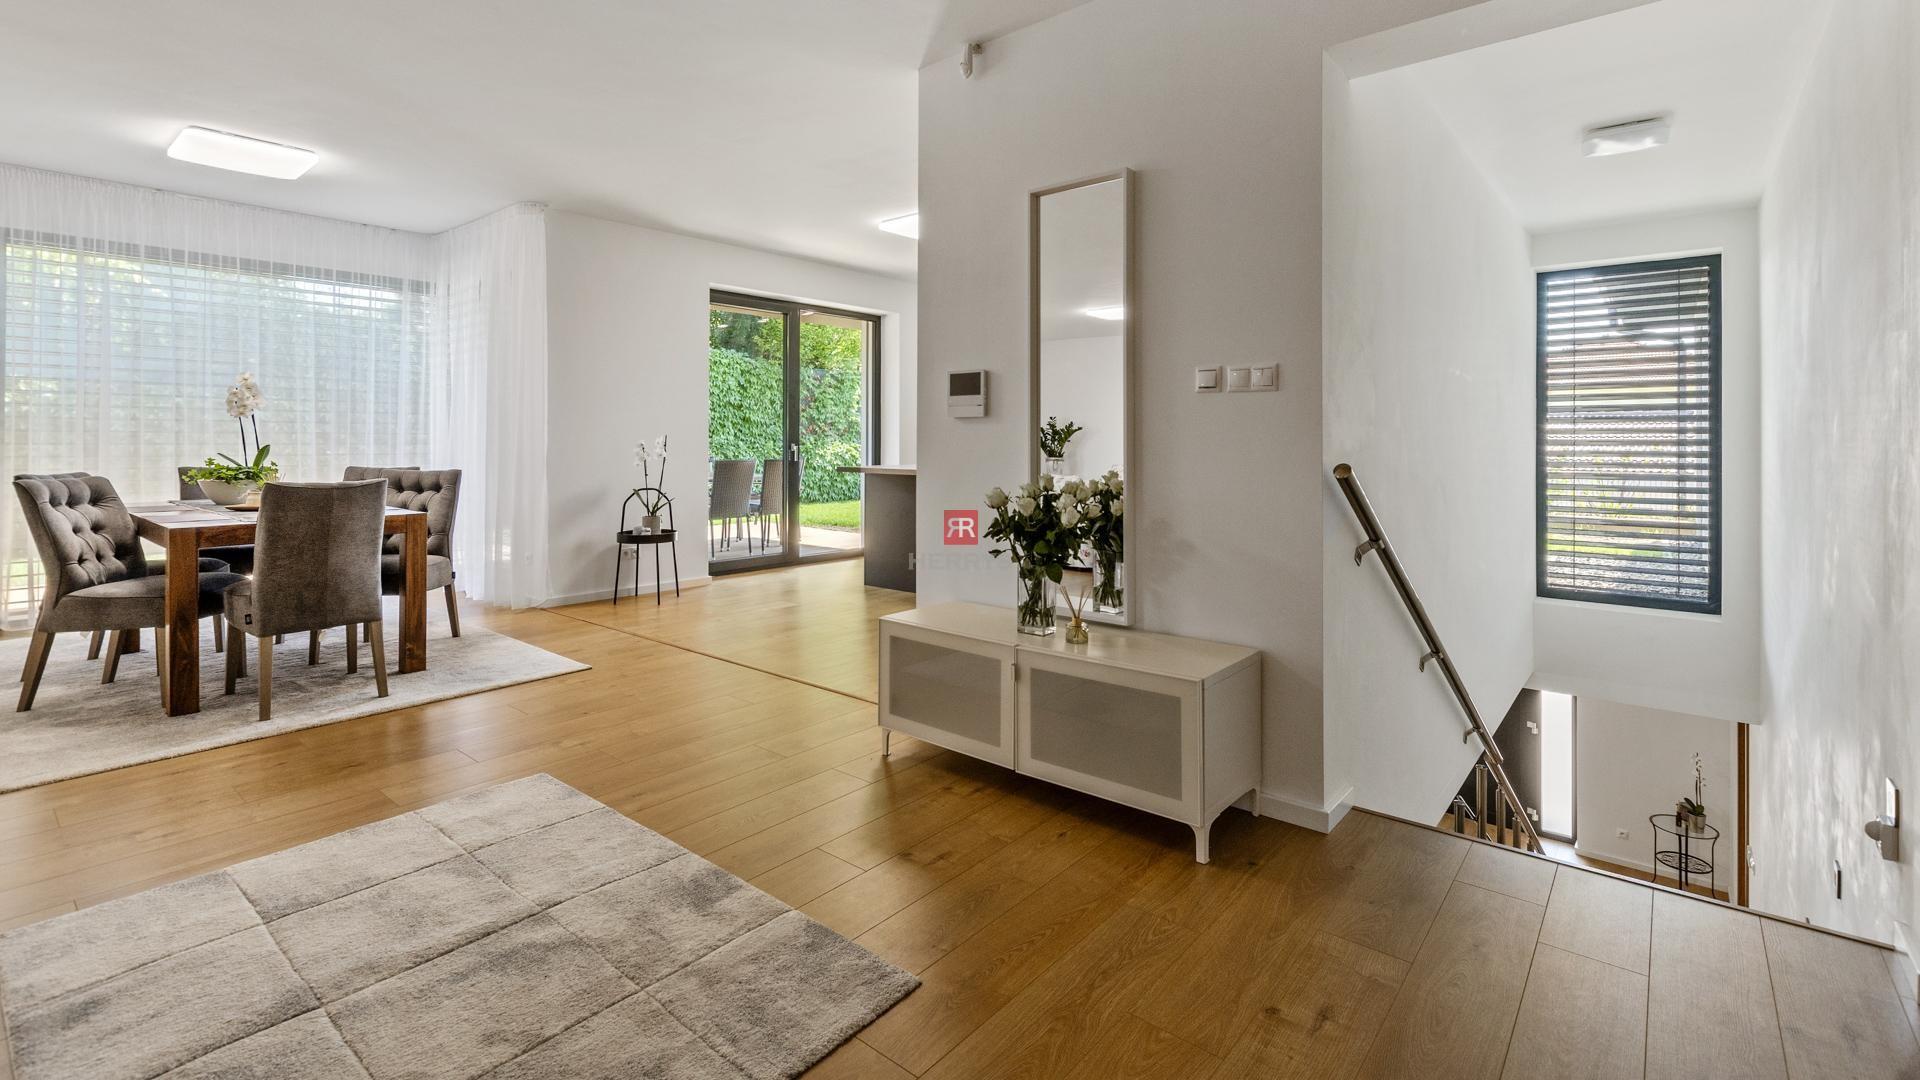 HERRYS - Na prenájom krásny priestranný RD vo vysokom štandarde vprémiovej lokalite